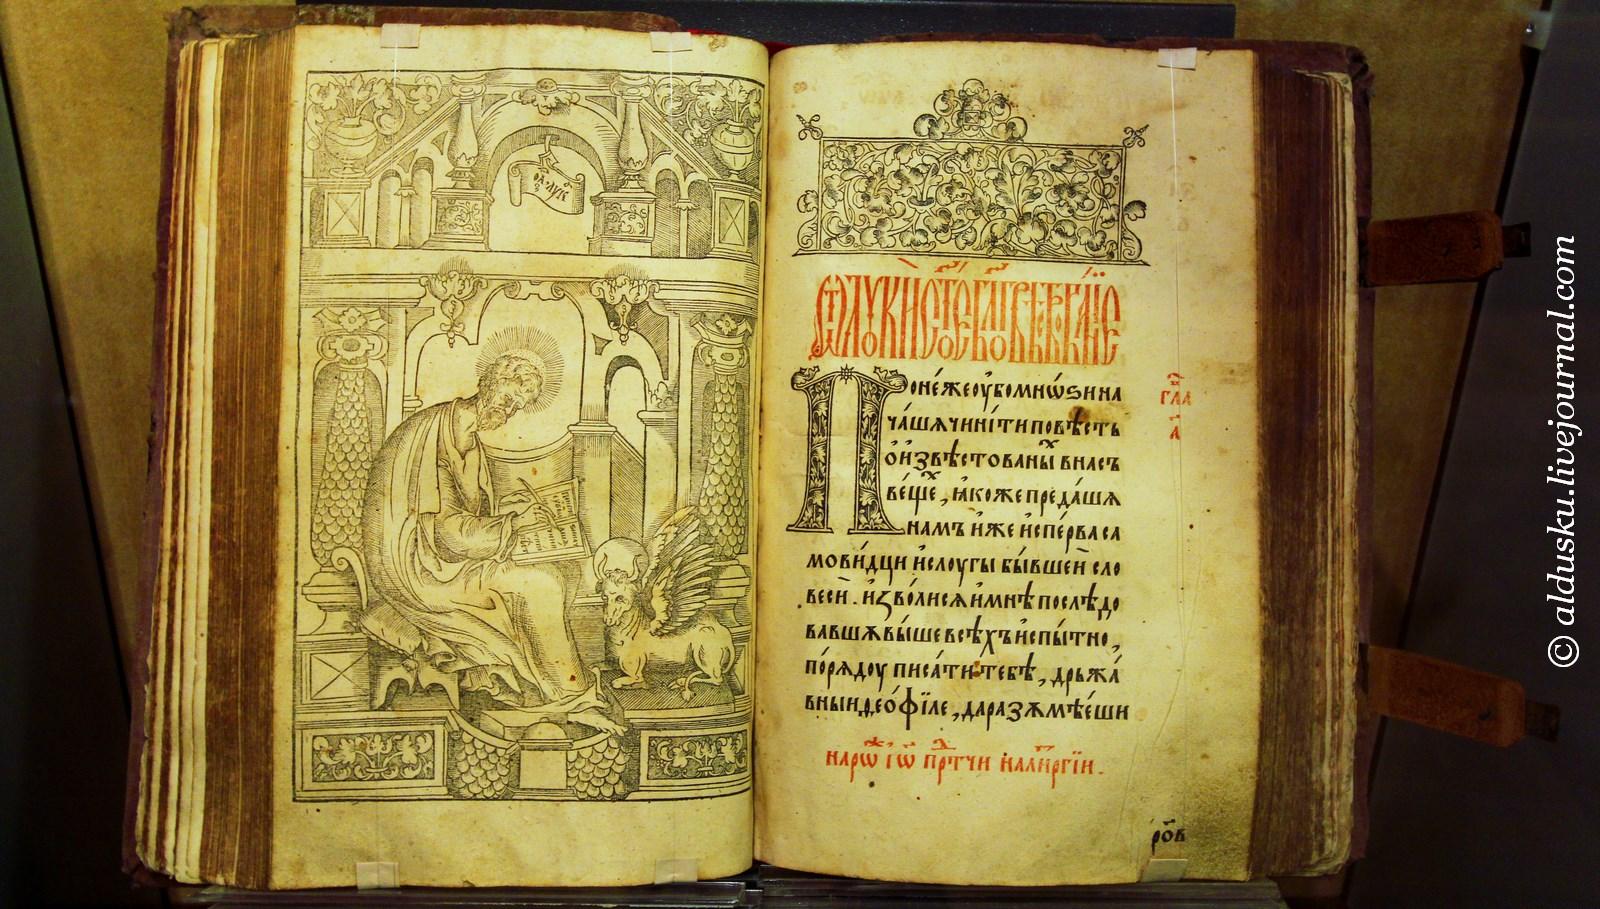 Евангелие. Вильно, 1575. Печатник - Петр Мстиславец